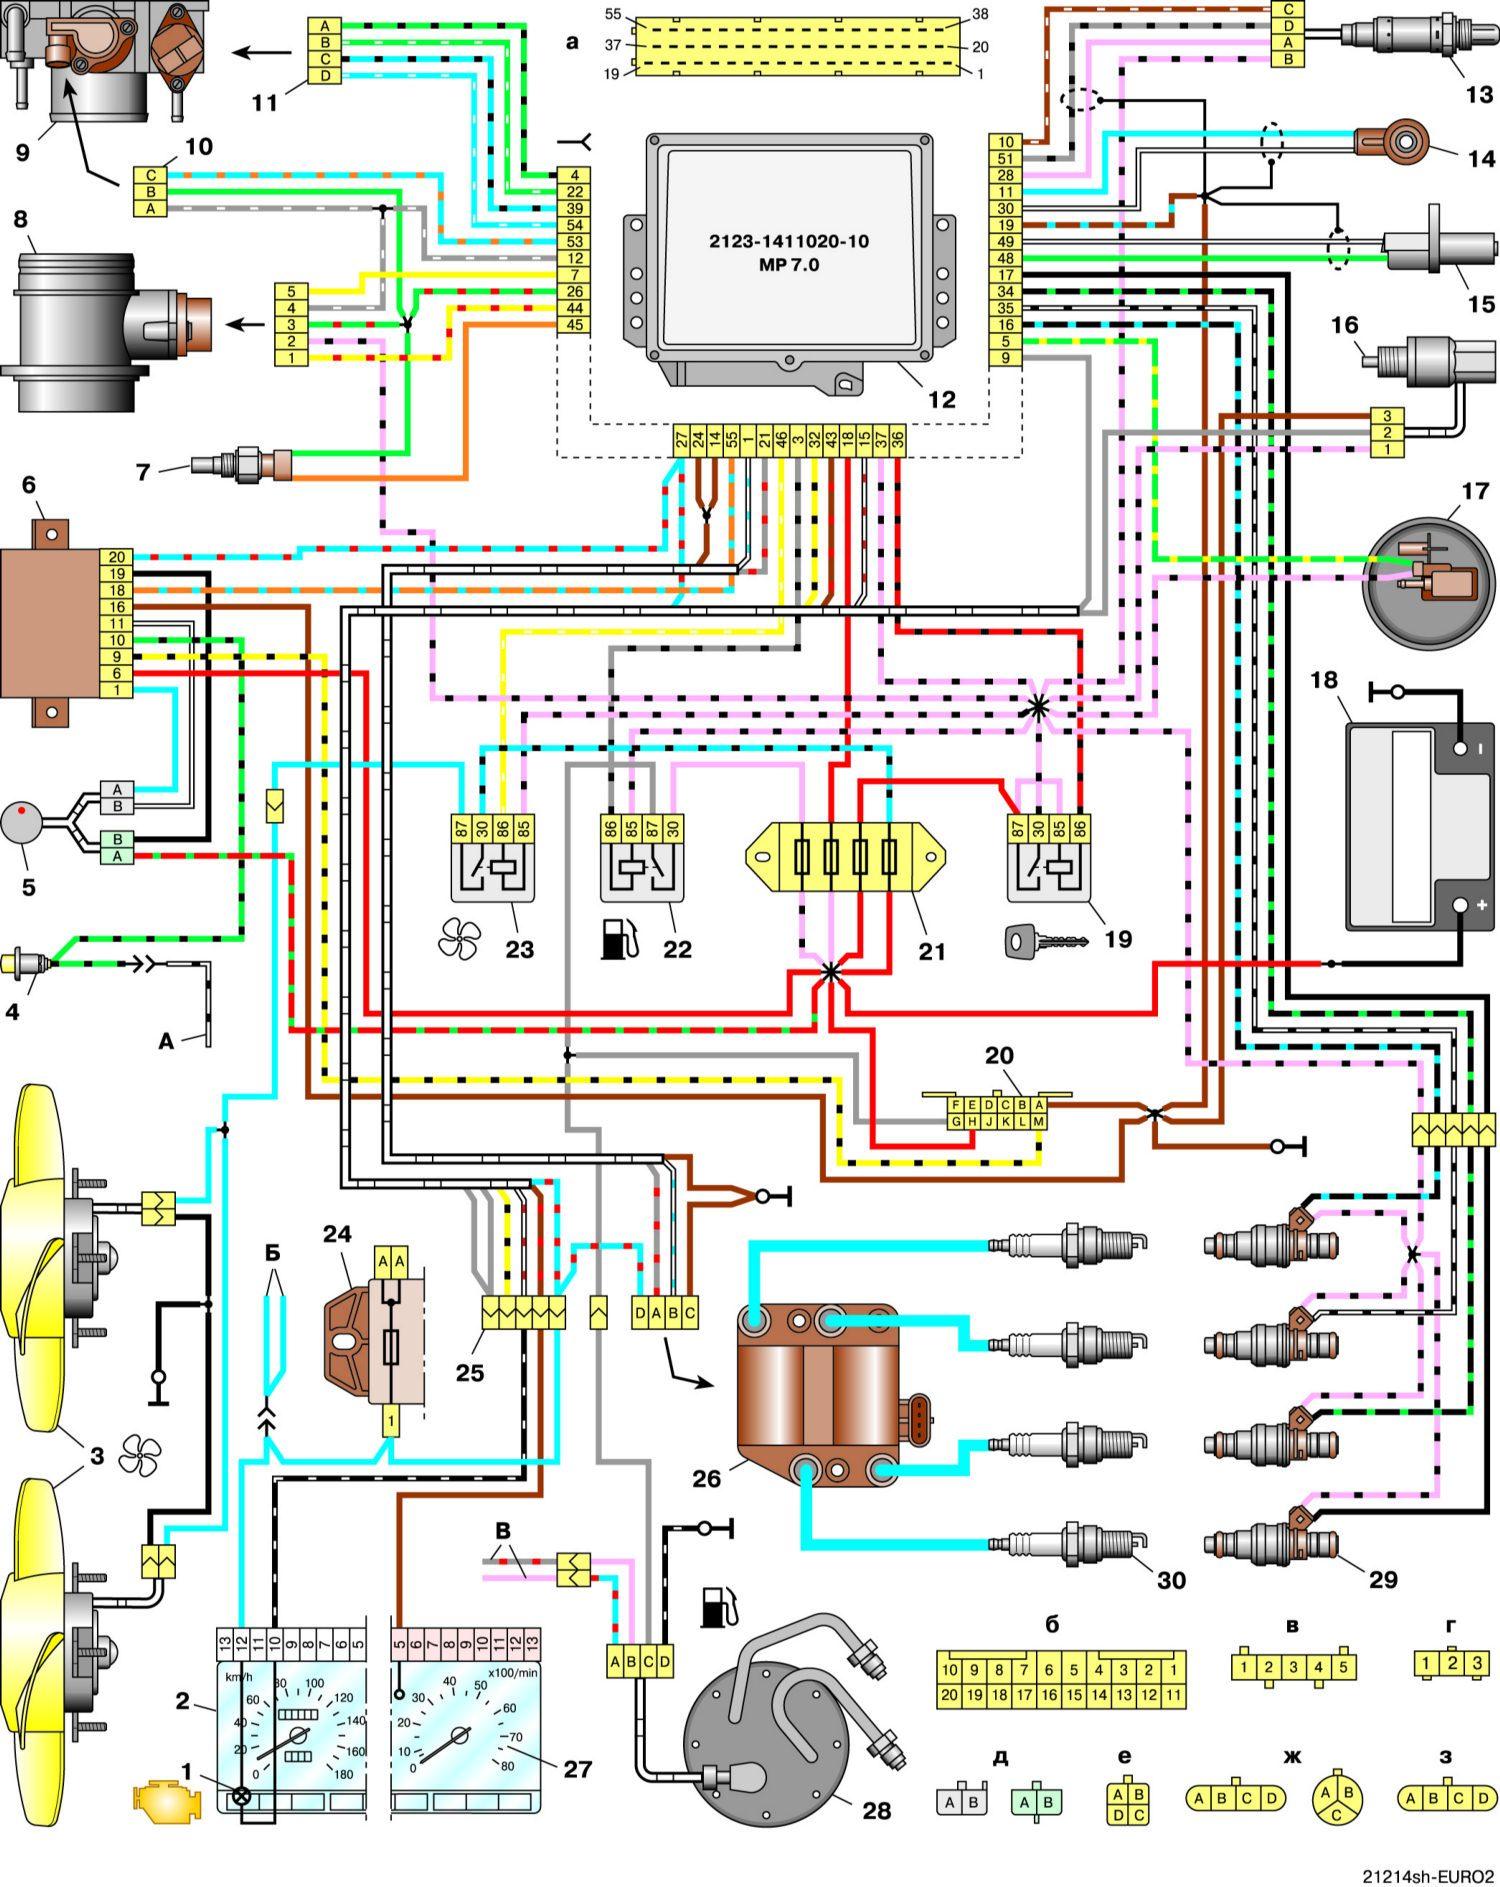 Схема соединений системы управления двигателем ВАЗ-21214 с распределенным впрыском топлива под нормы токсичности...